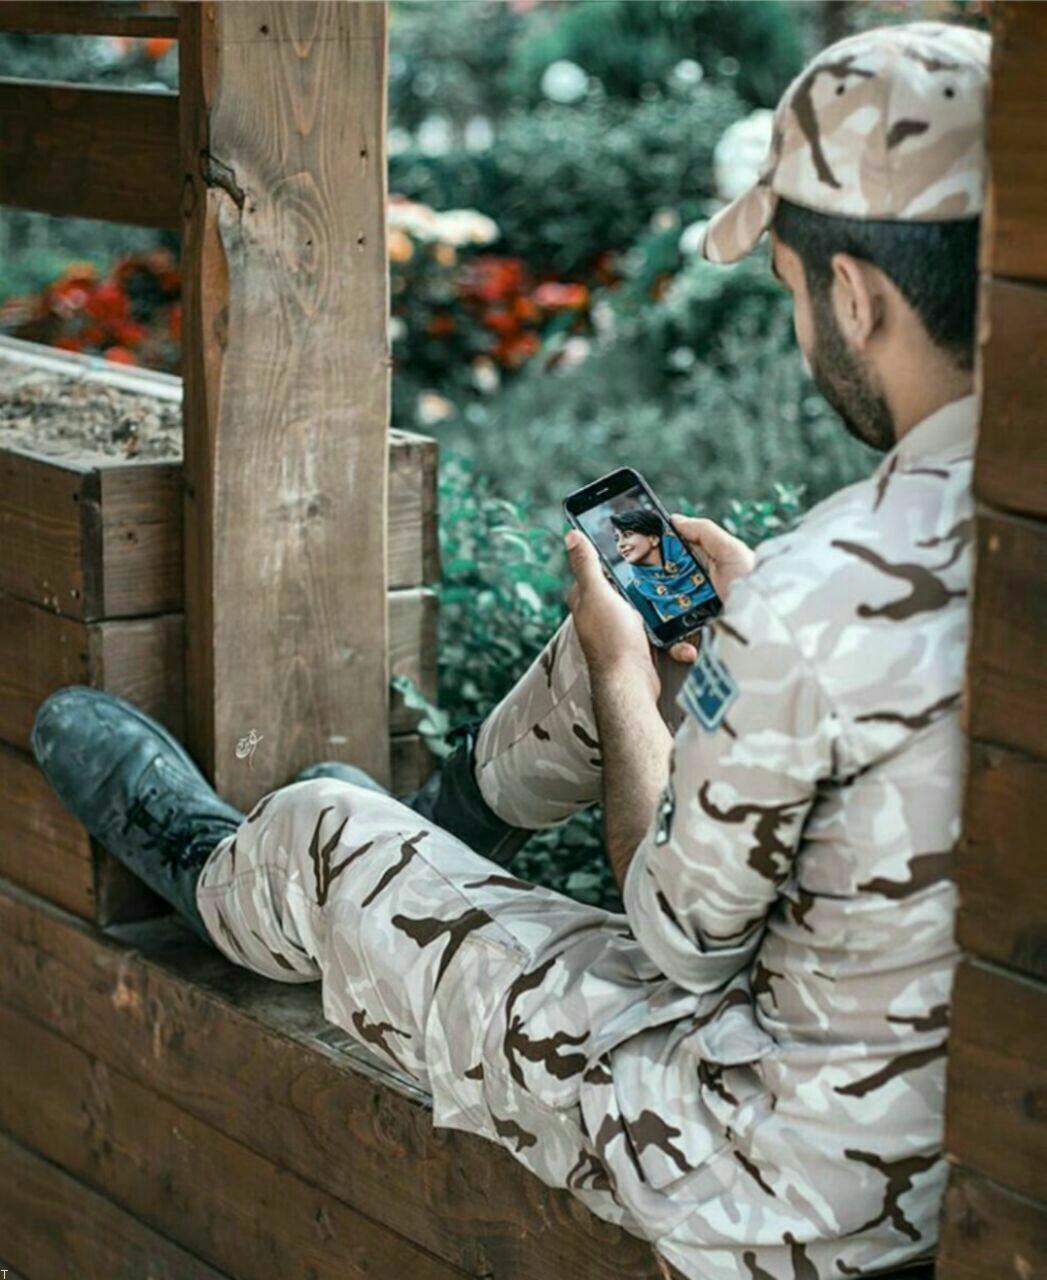 بهترین متن تبریک روز سرباز | جدیدترین پیام تبریک روز سرباز